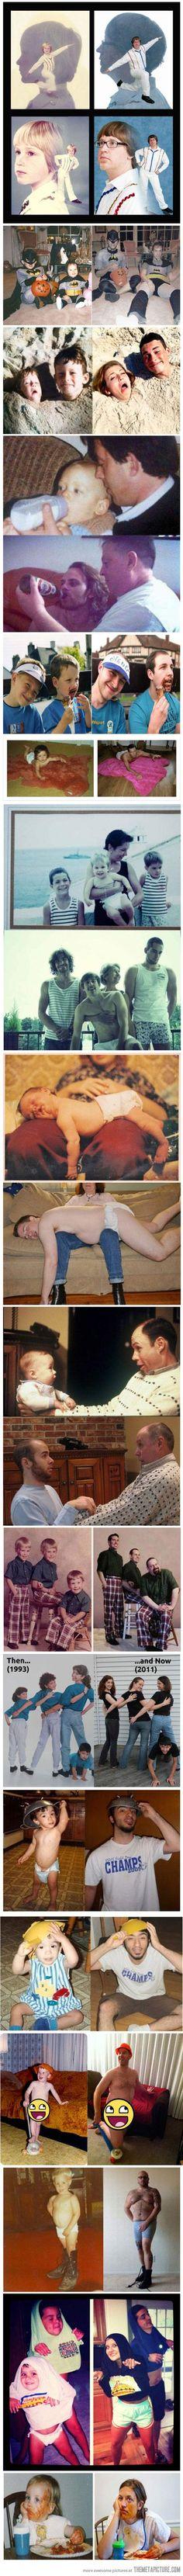 family pictures, ridicul famili, recreat ridicul, mothers day, family photos, famili pictur, recreat famili, old photos, famili photo